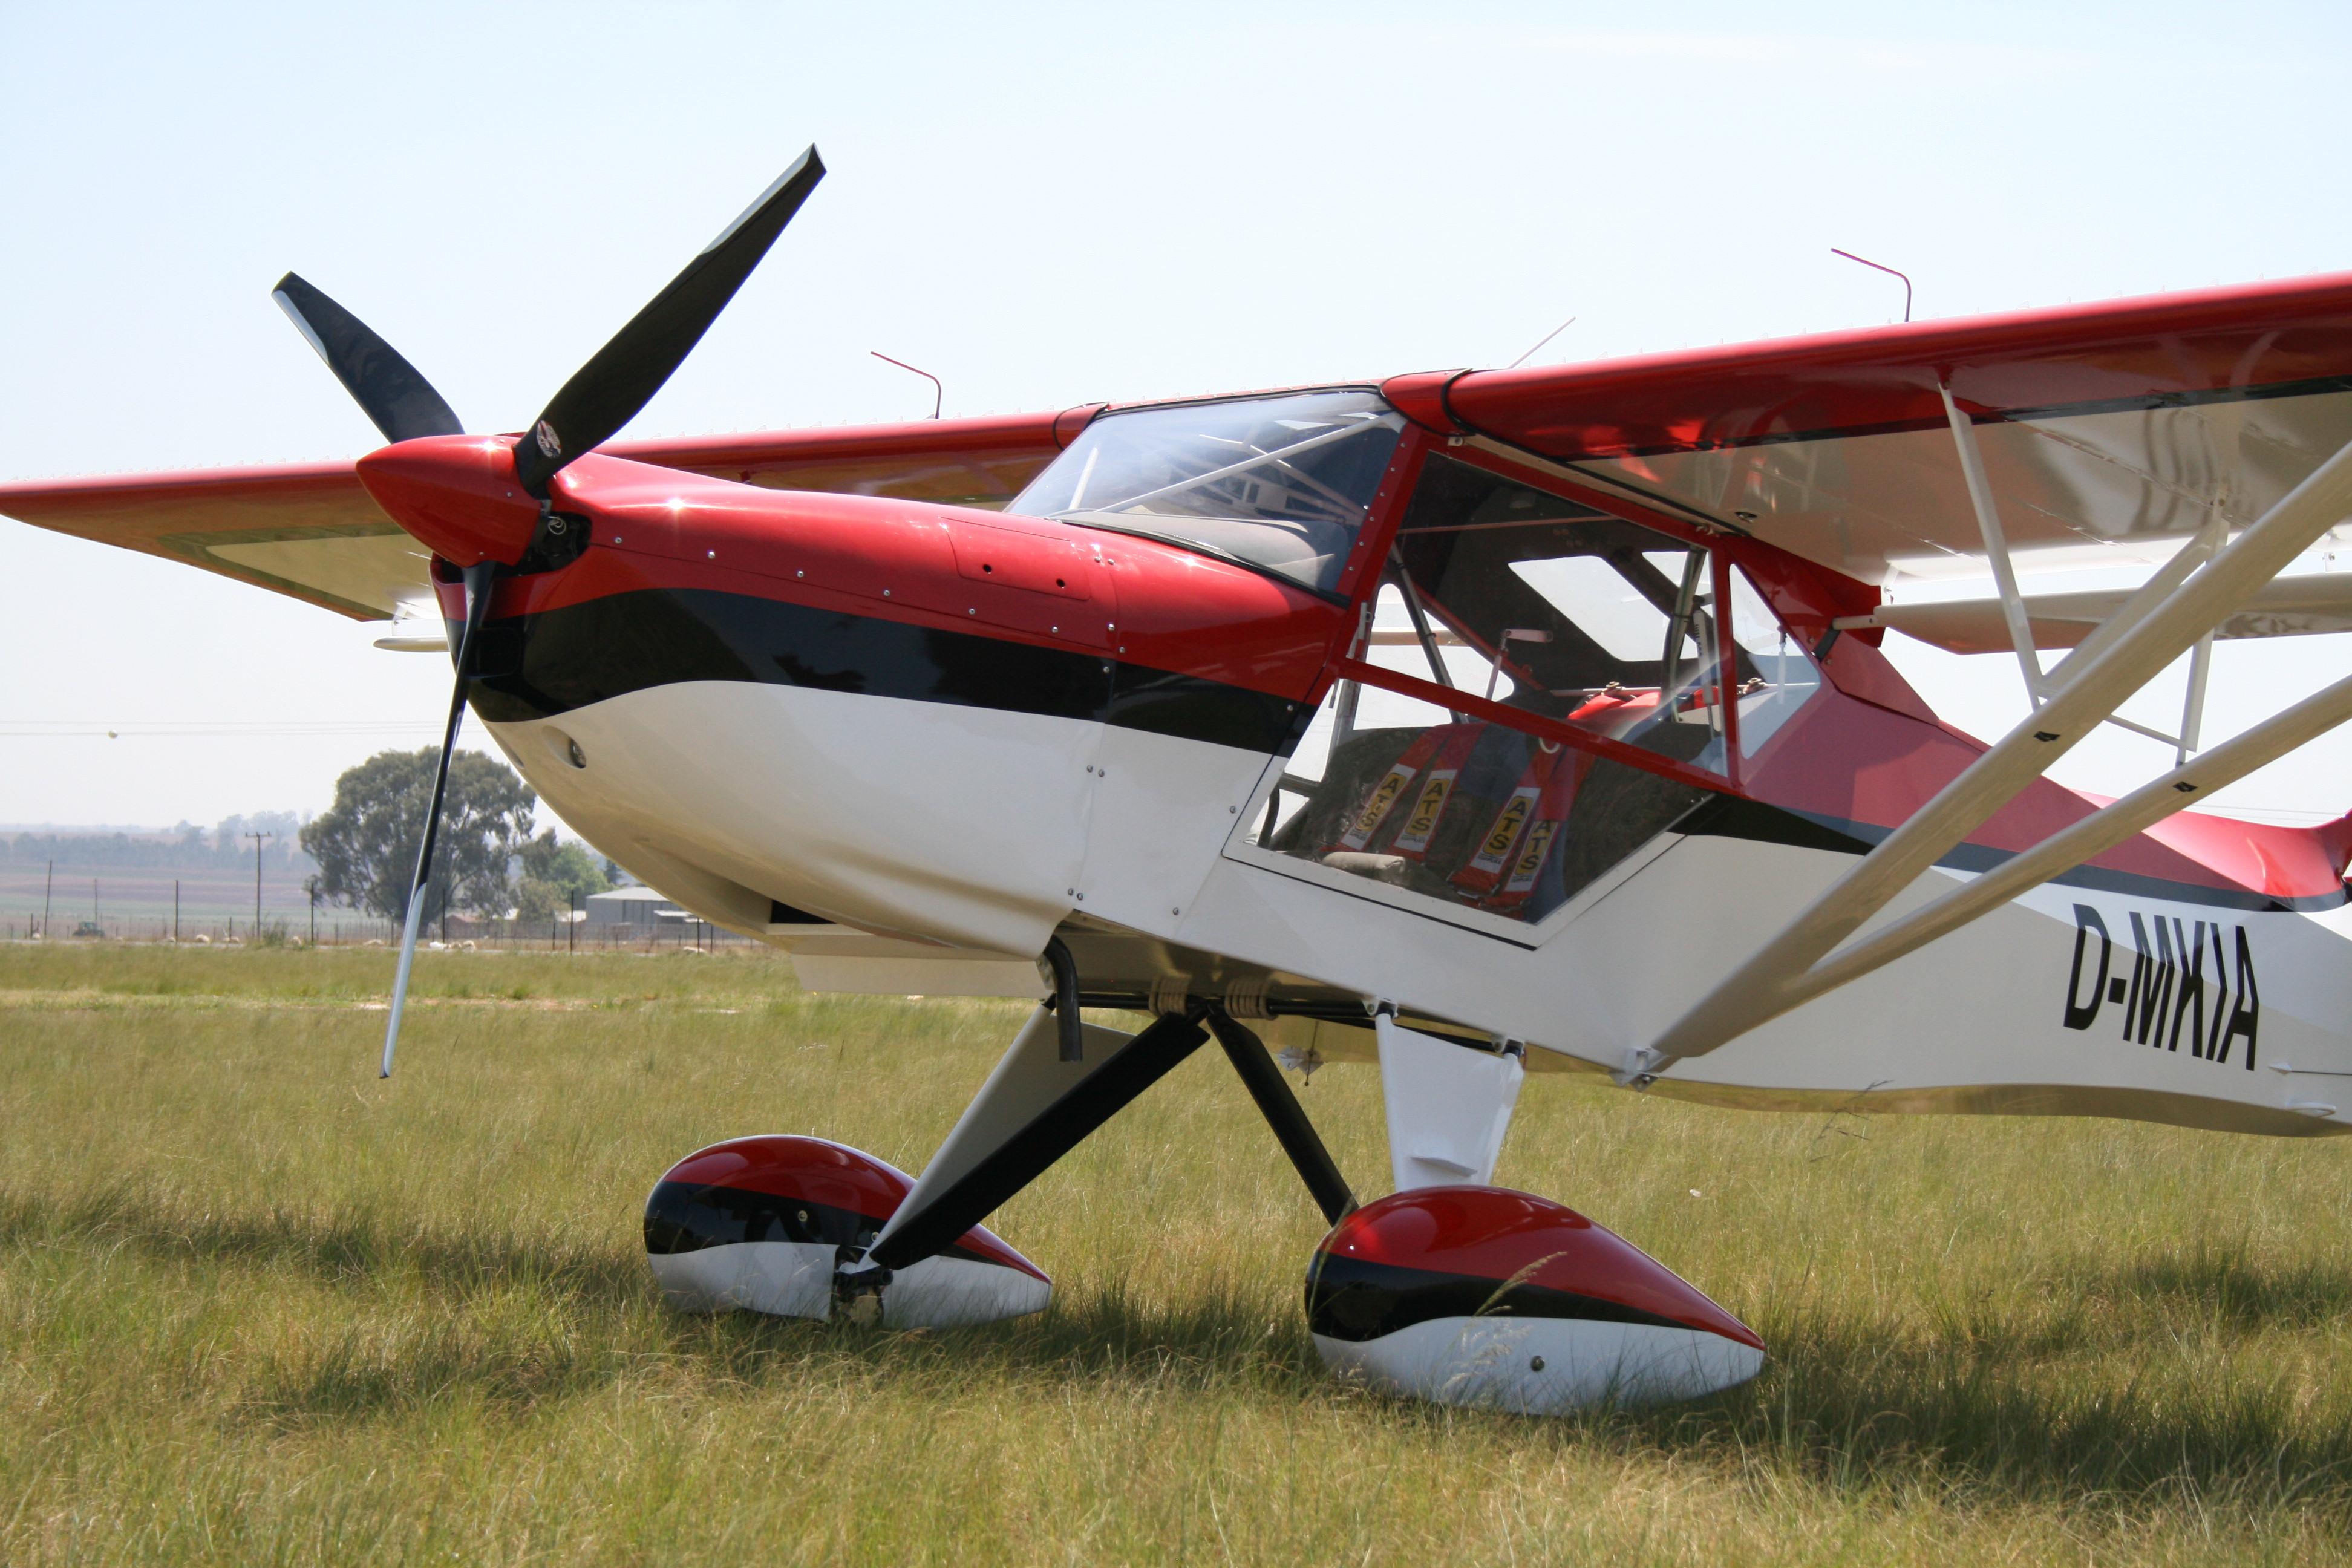 Explorer UL600   winx-adventure-aircraft-company com